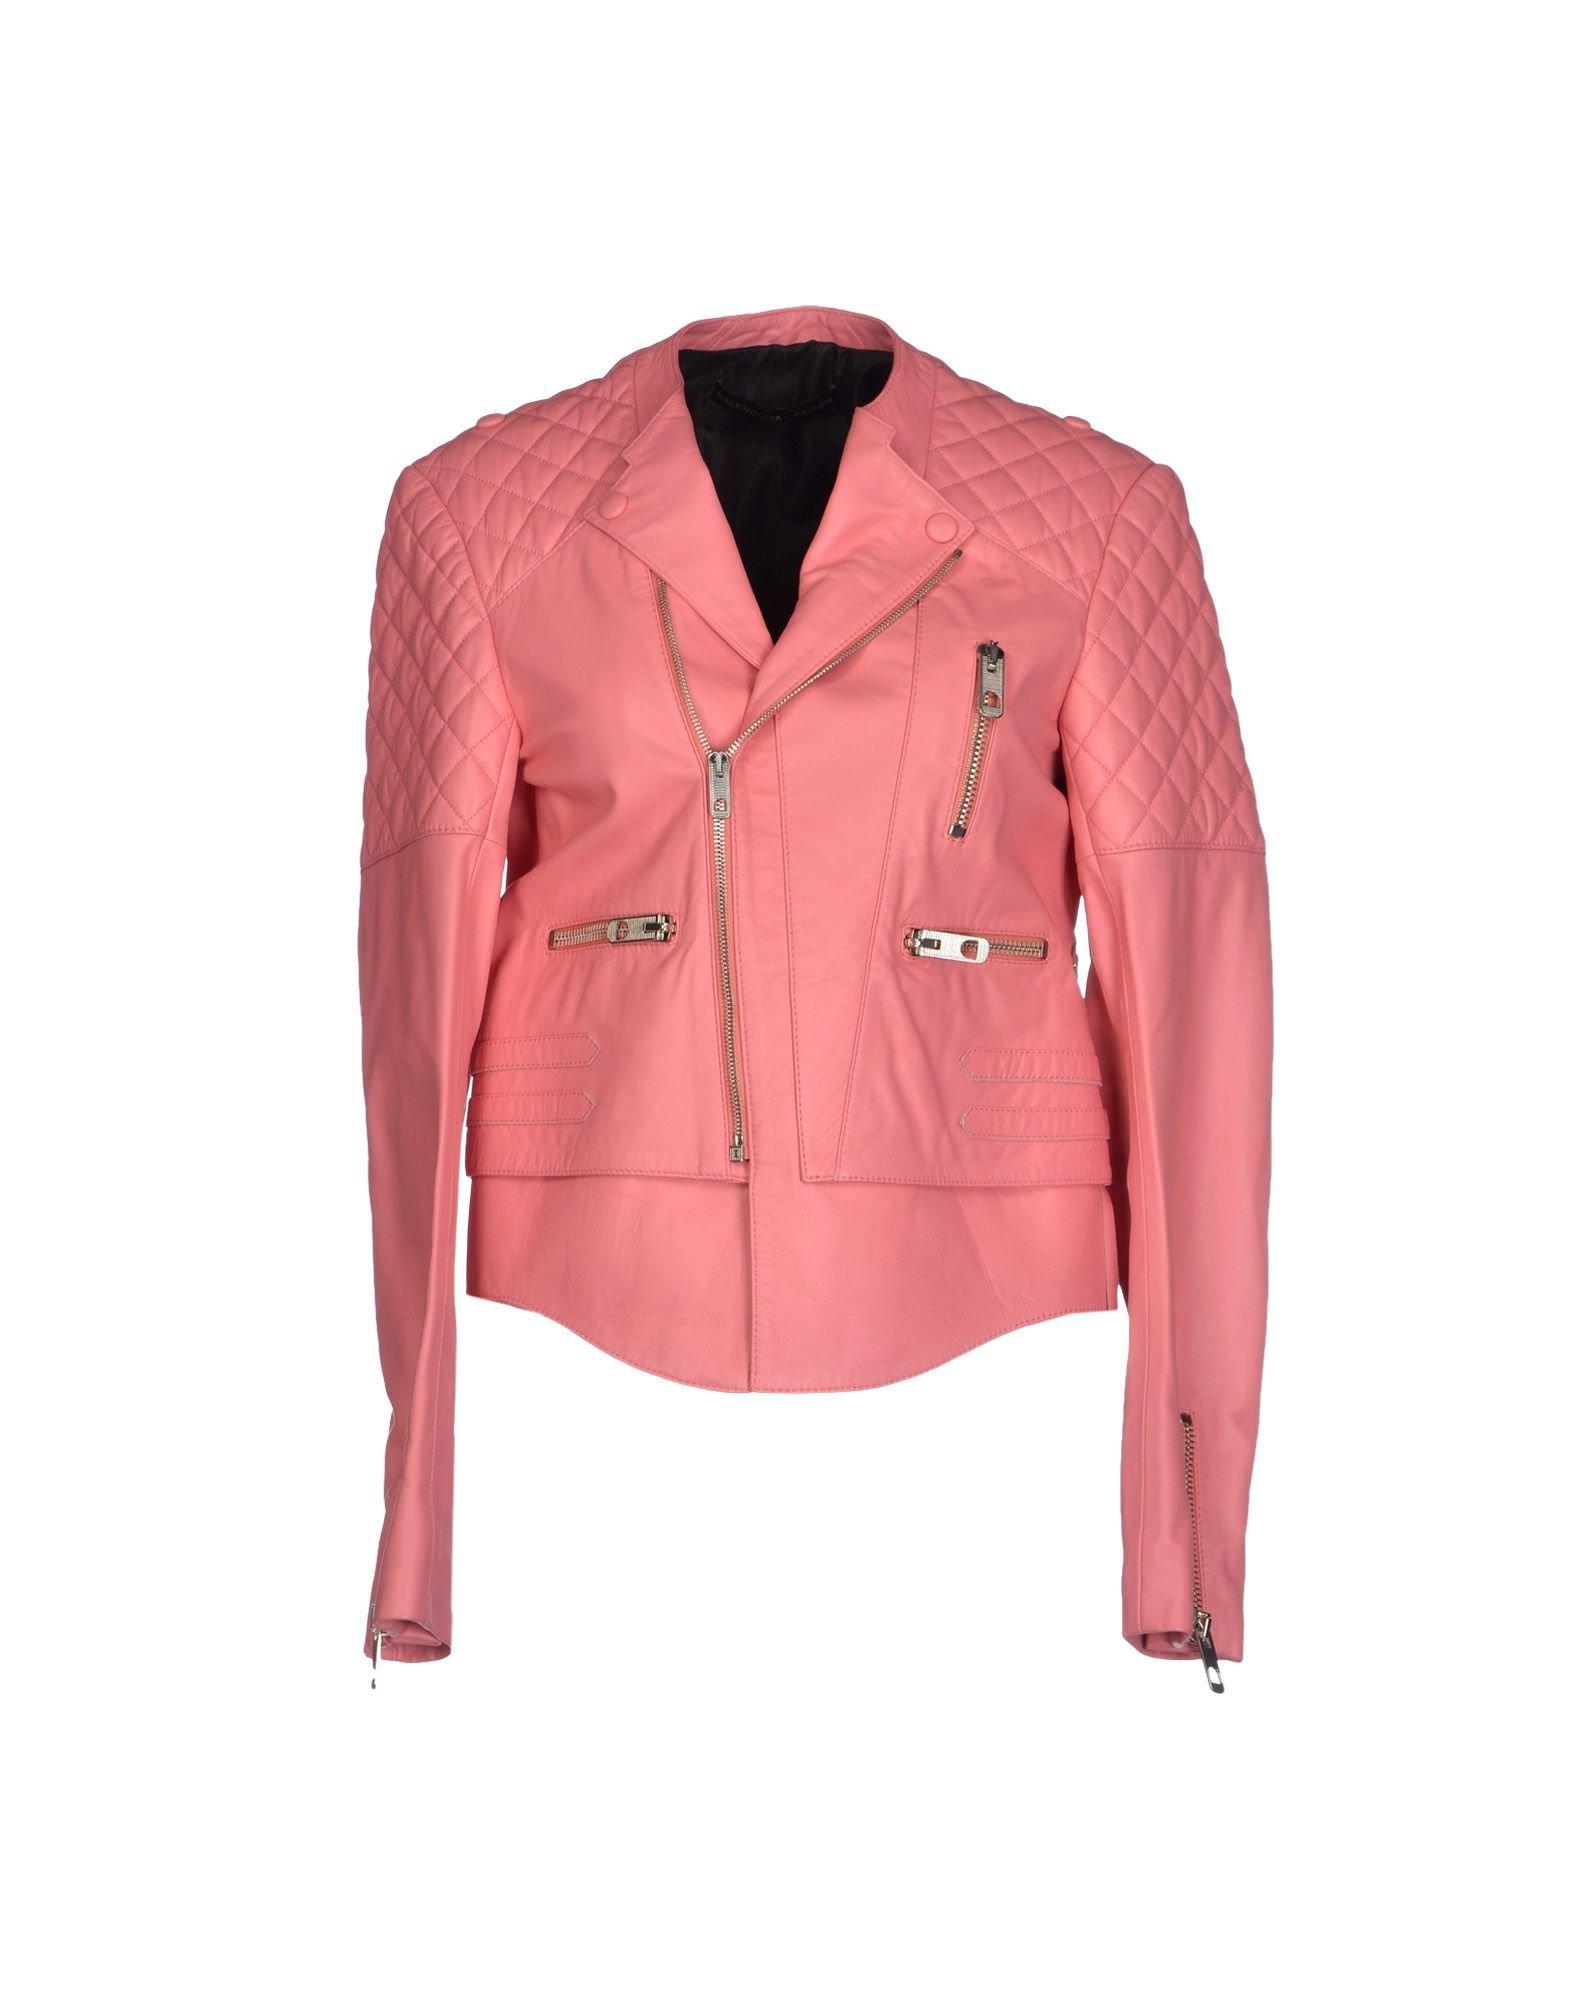 866e905928036 Balenciaga Pink Fur Coat